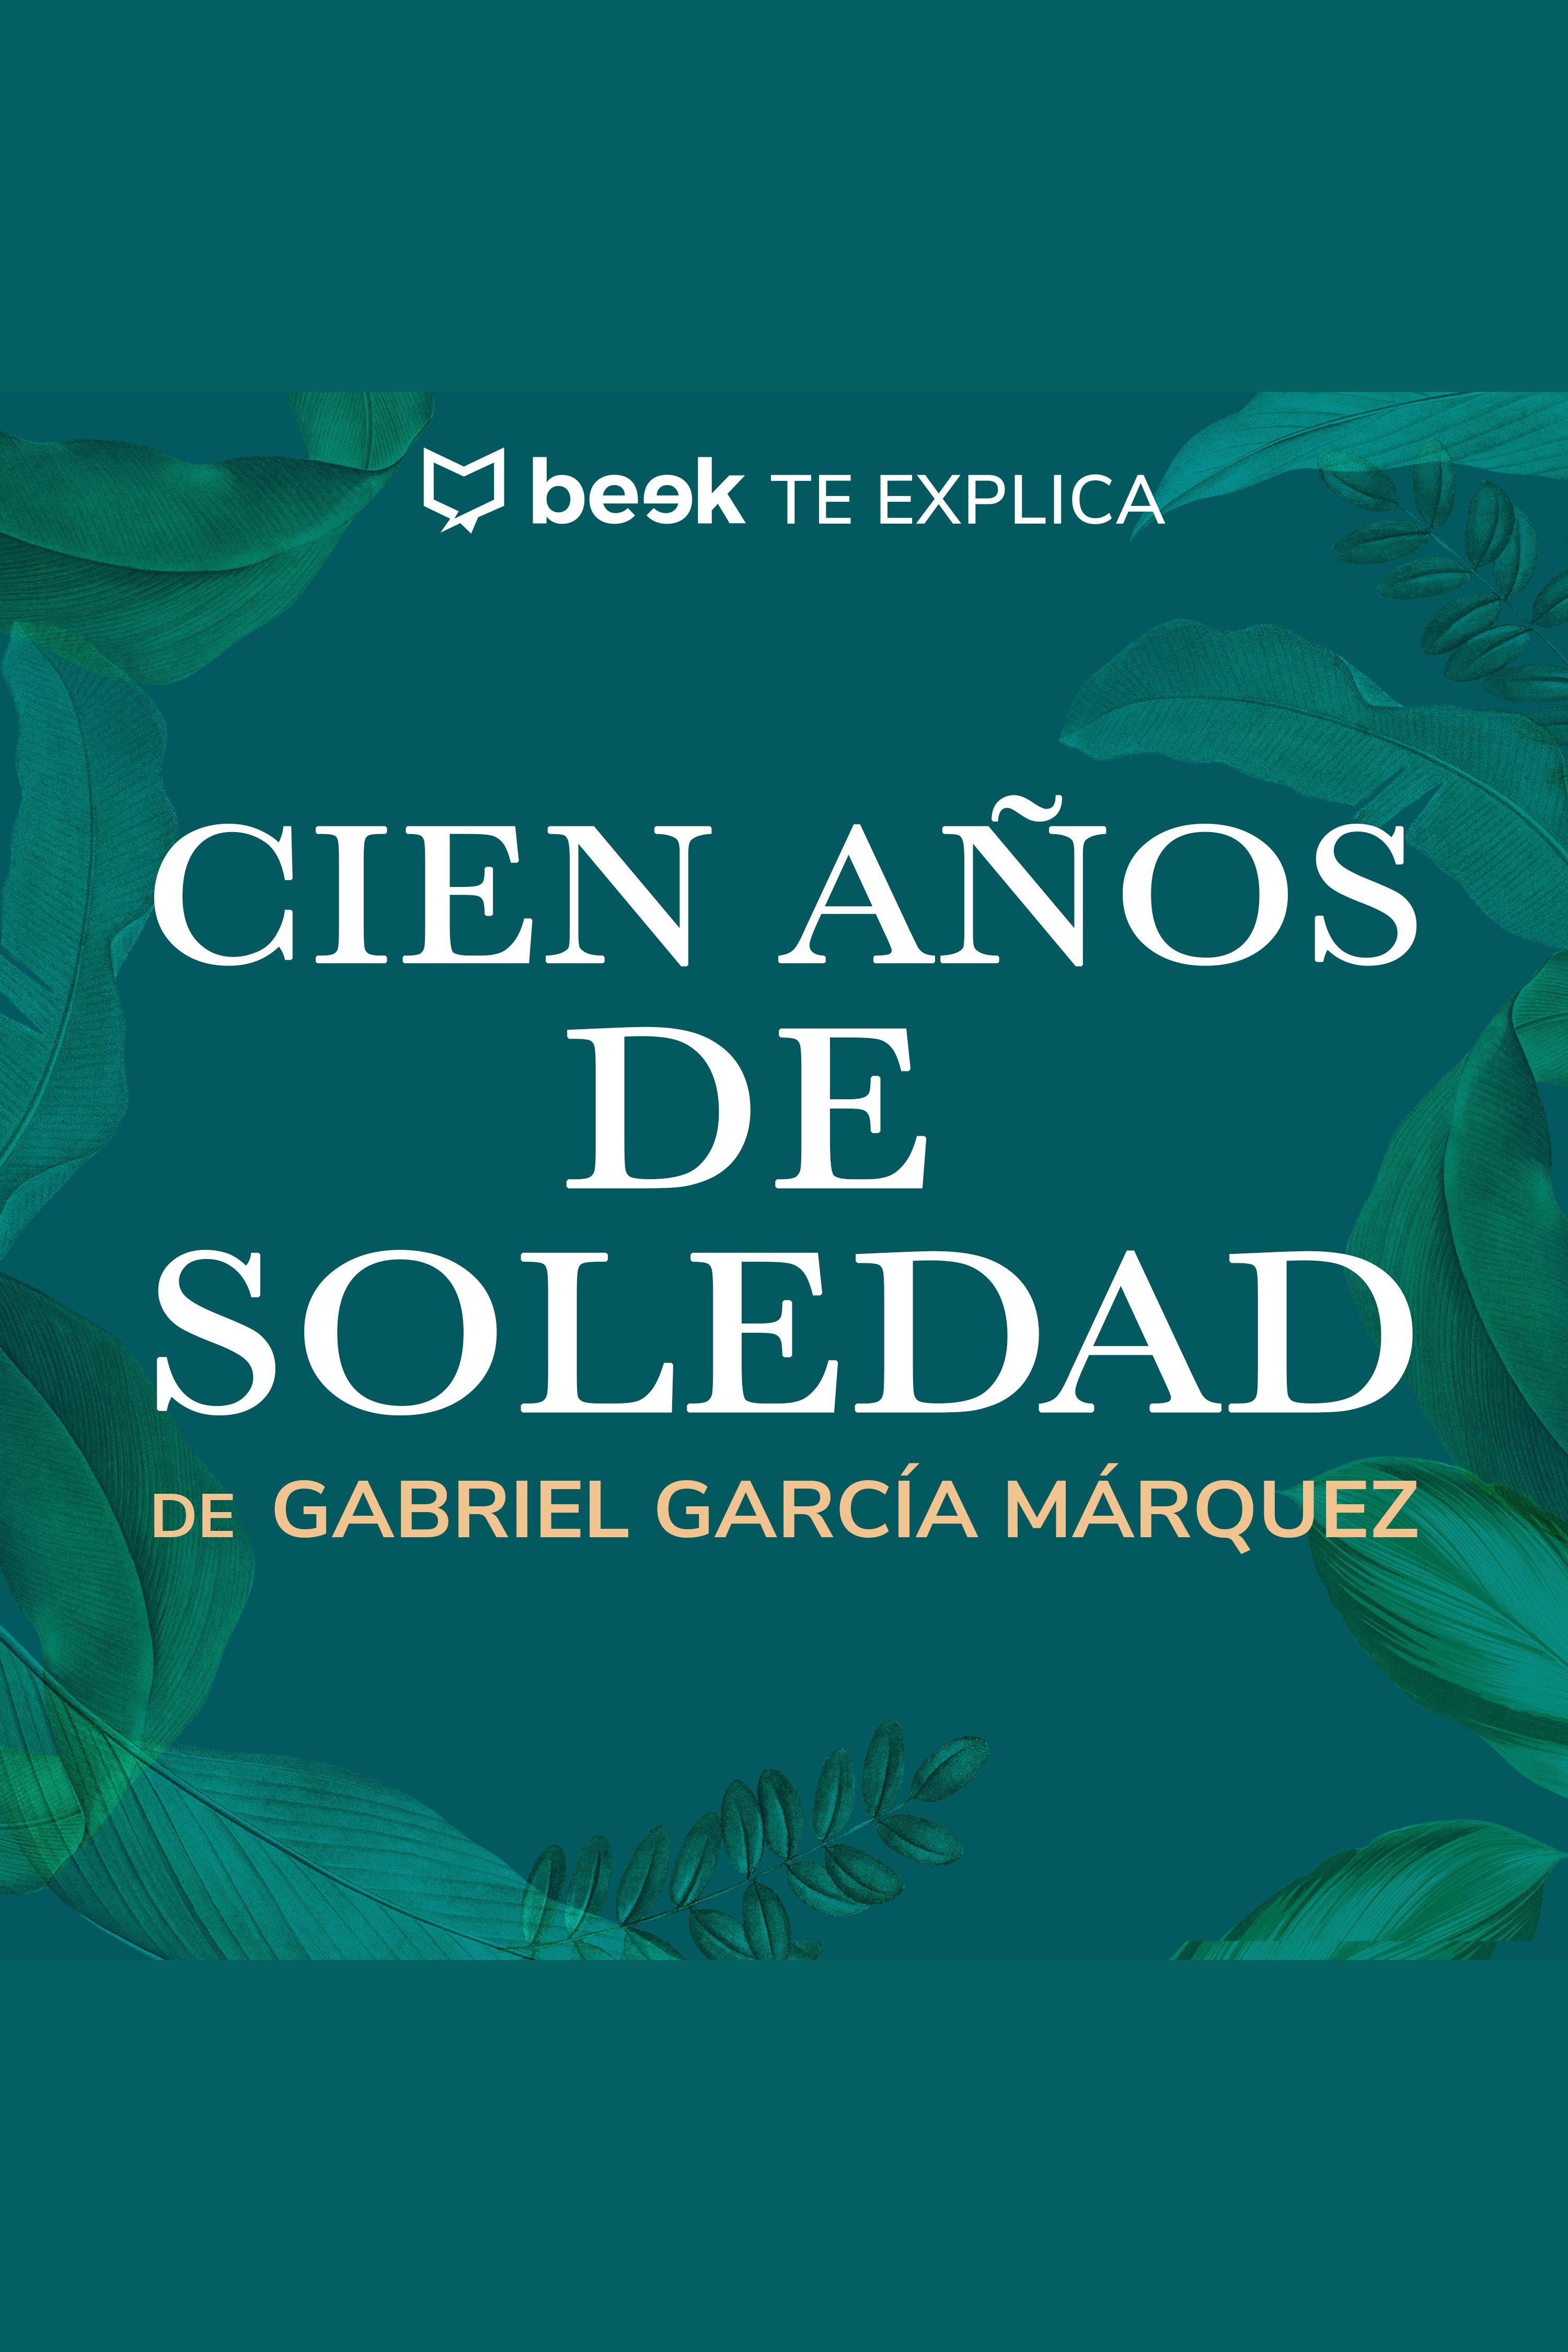 Esta es la portada del audiolibro Cien años de soledad… Beek te explica